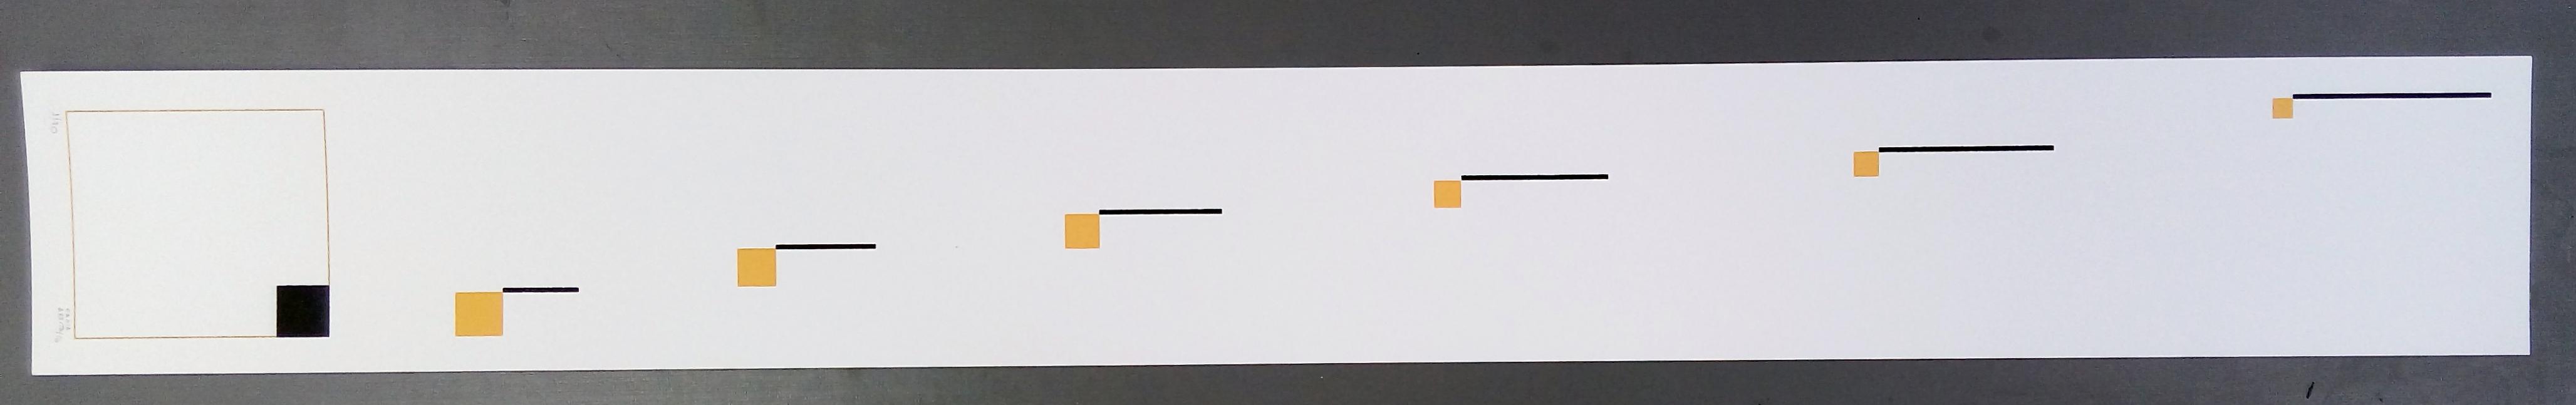 CT576 - 100x12